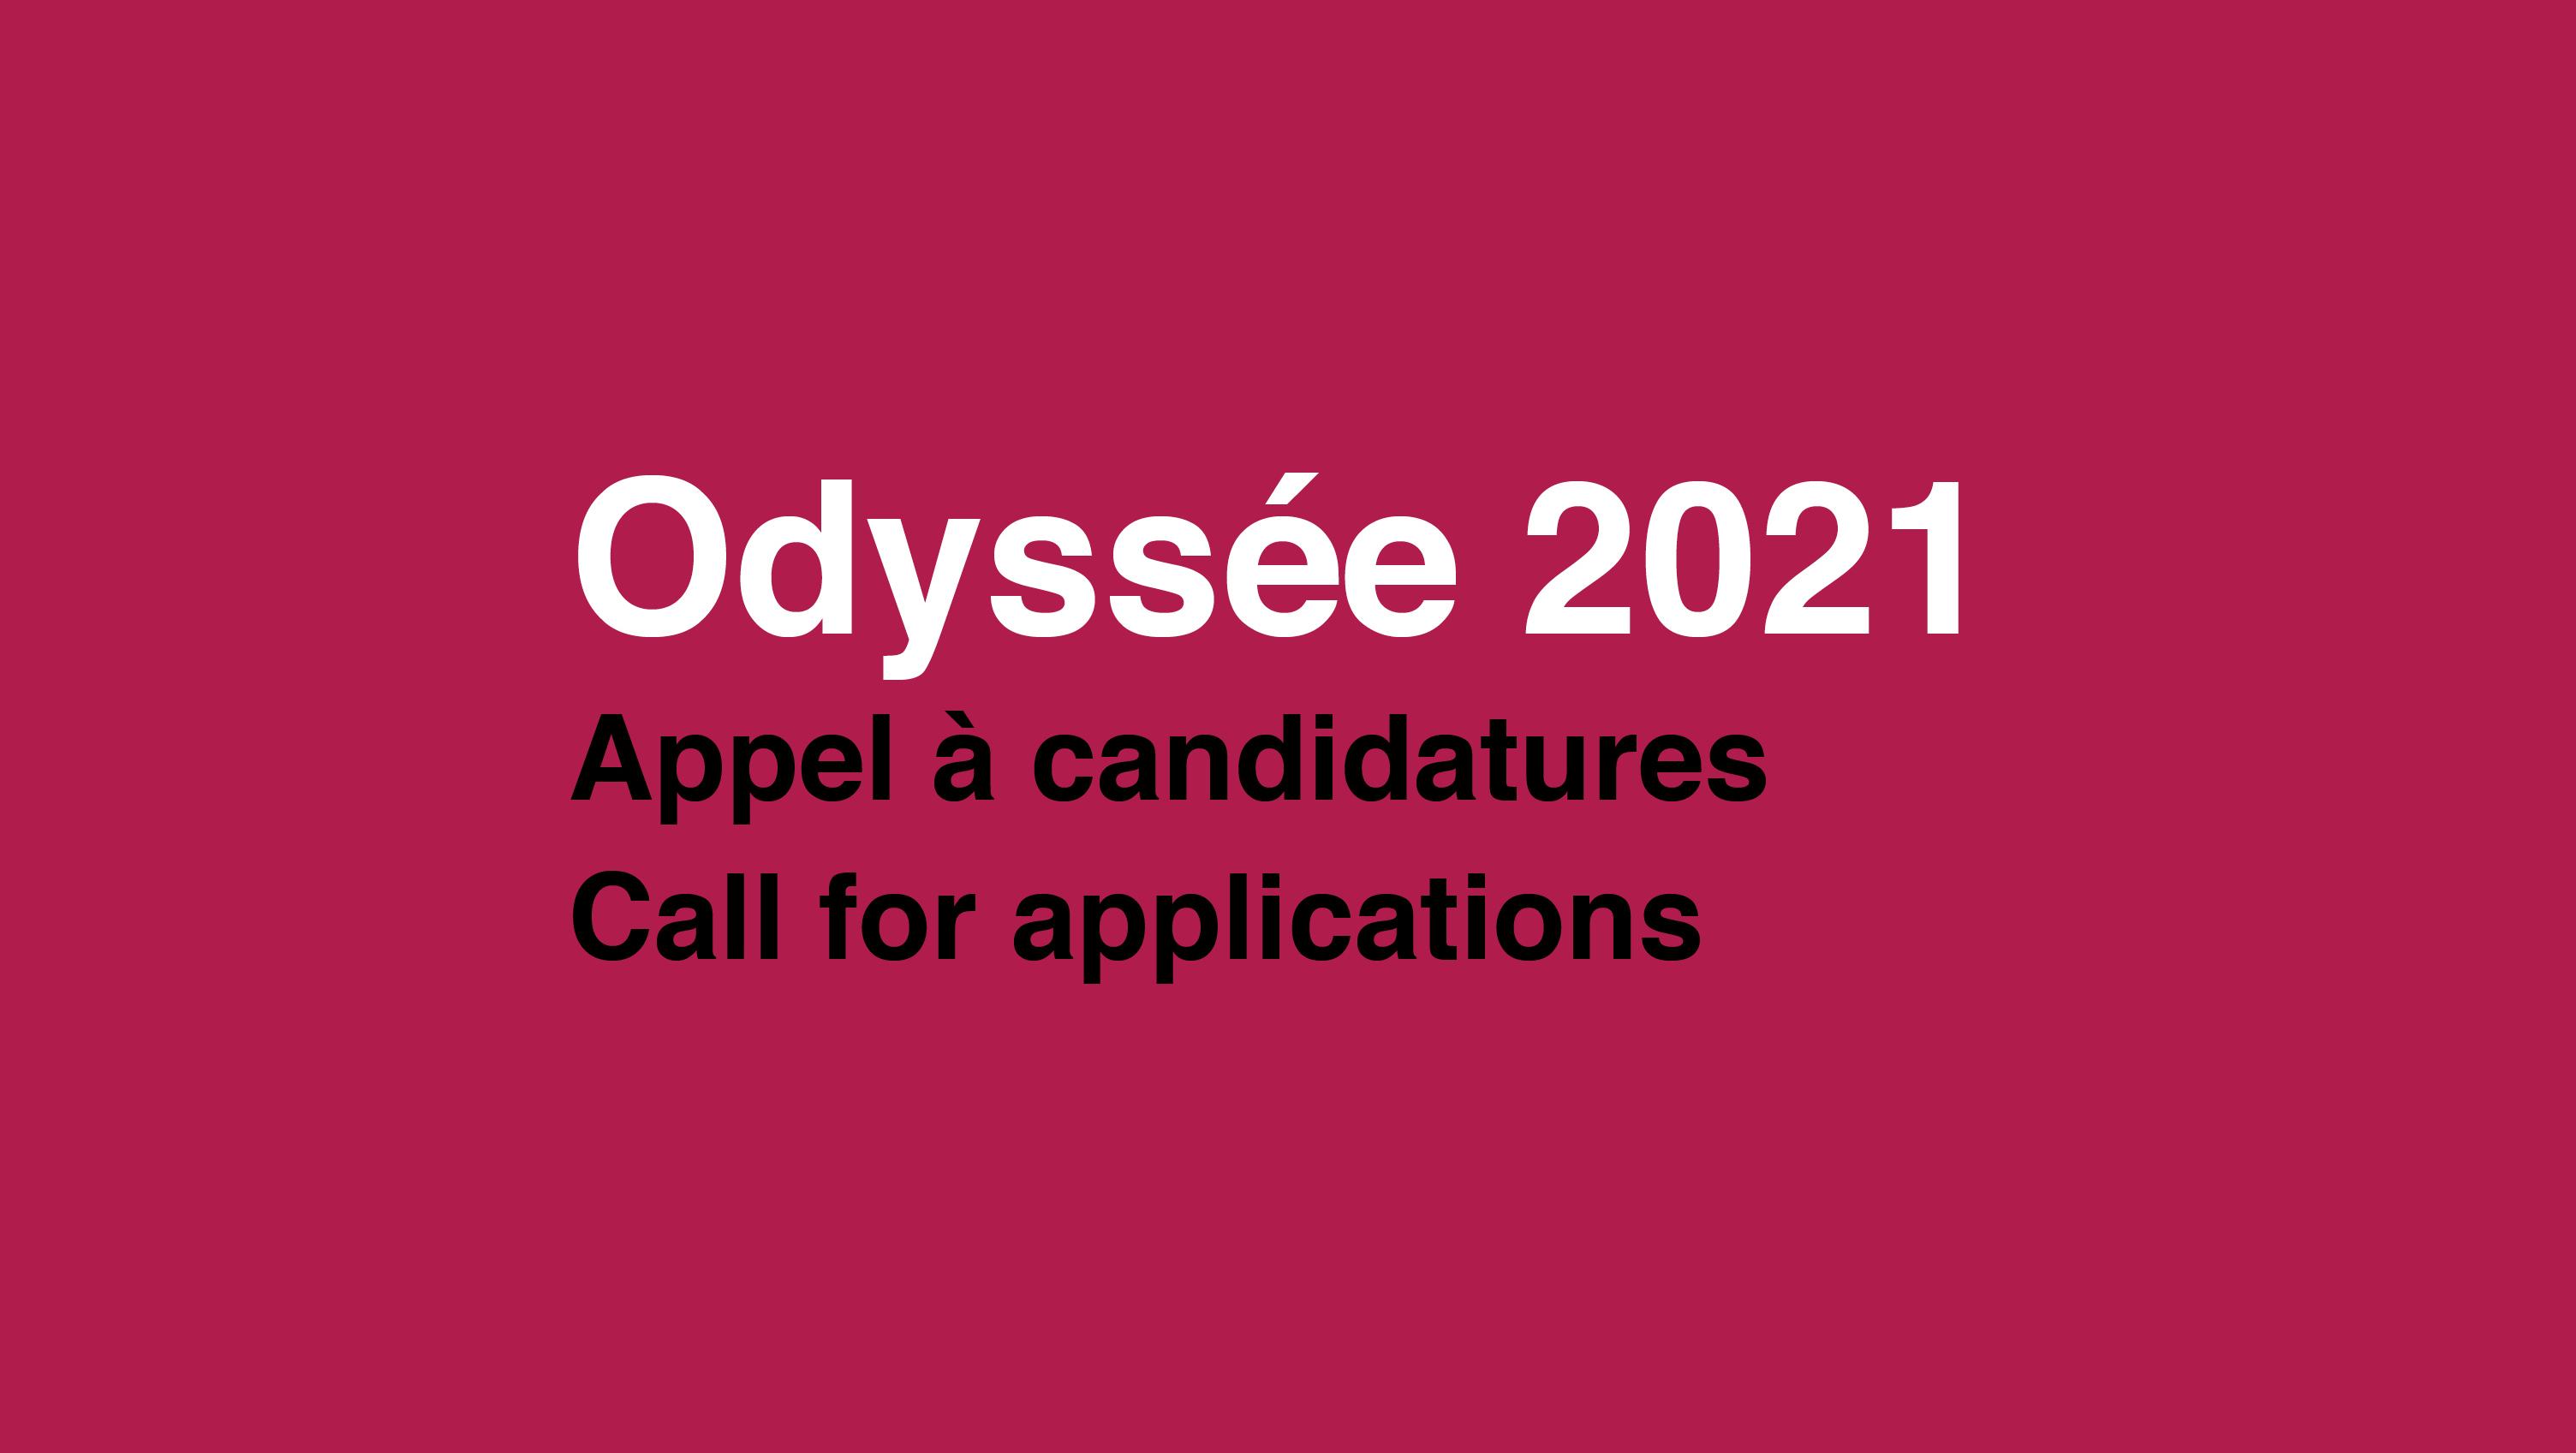 Appel à candidatures : résidences Odyssée 2021 pour les artistes étrangers